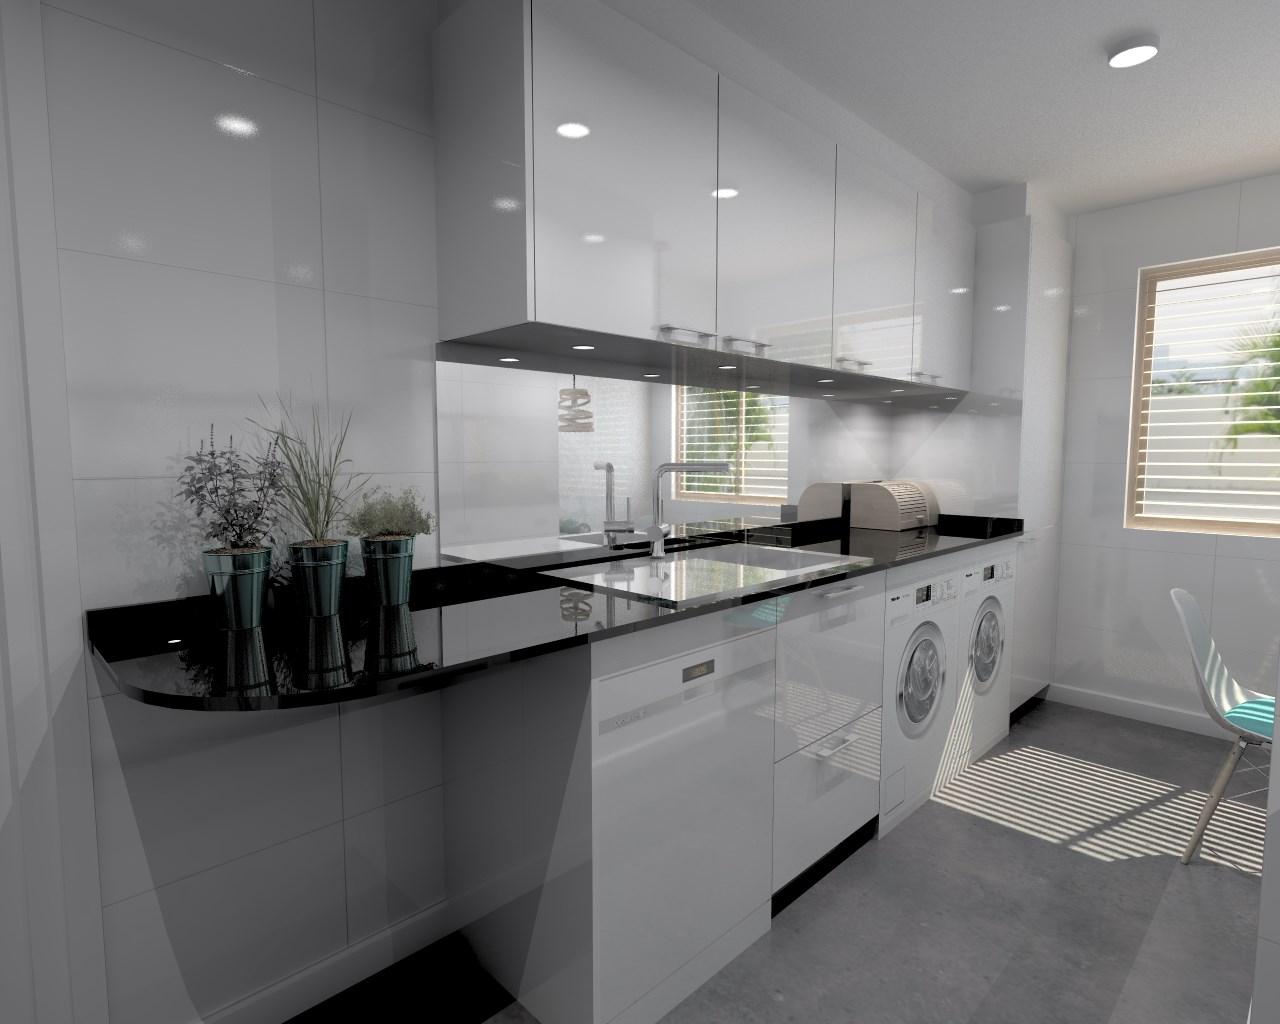 Aravaca cocina santos modelo plano laminado blanco for Cocina blanca encimera negra